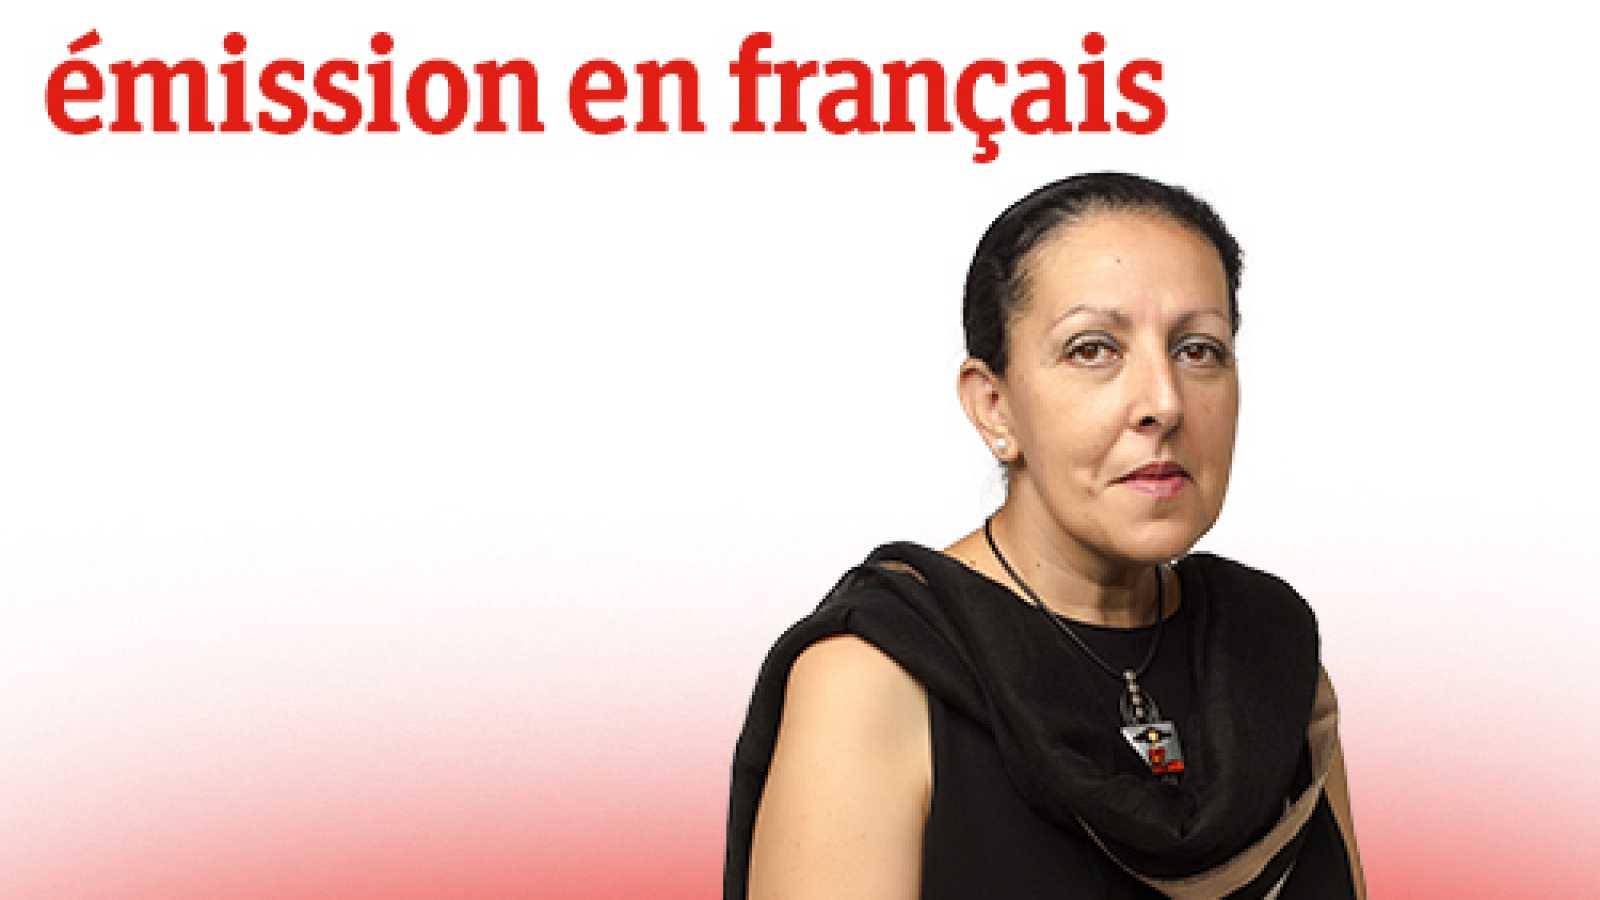 Emission en français - Célébrer Madrid - 17/10/20 - escucahr ahora